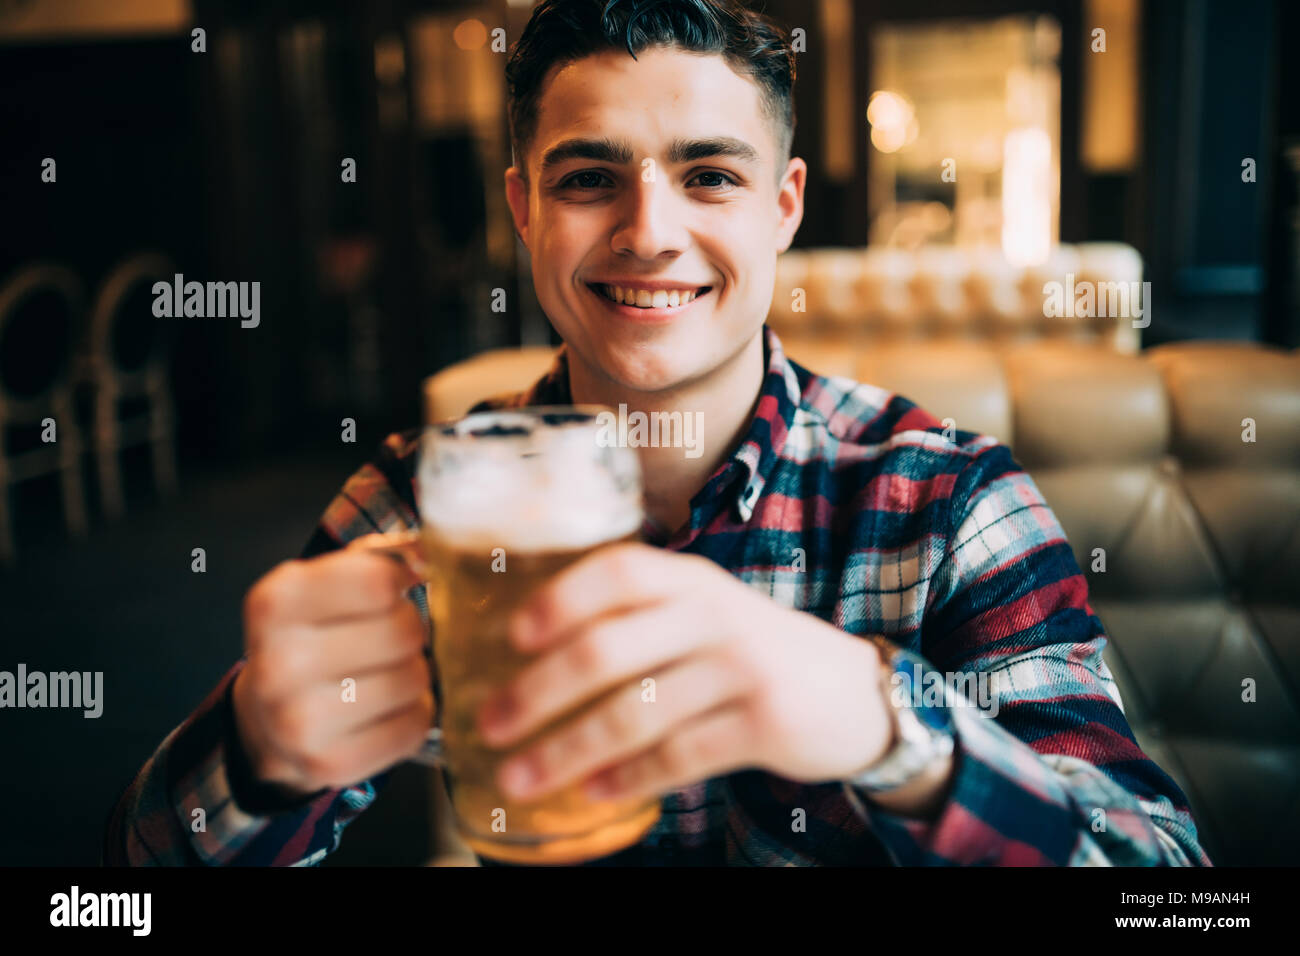 Uomo di bere birra. Giovane uomo di bere birra mentre è seduto al banco bar Immagini Stock